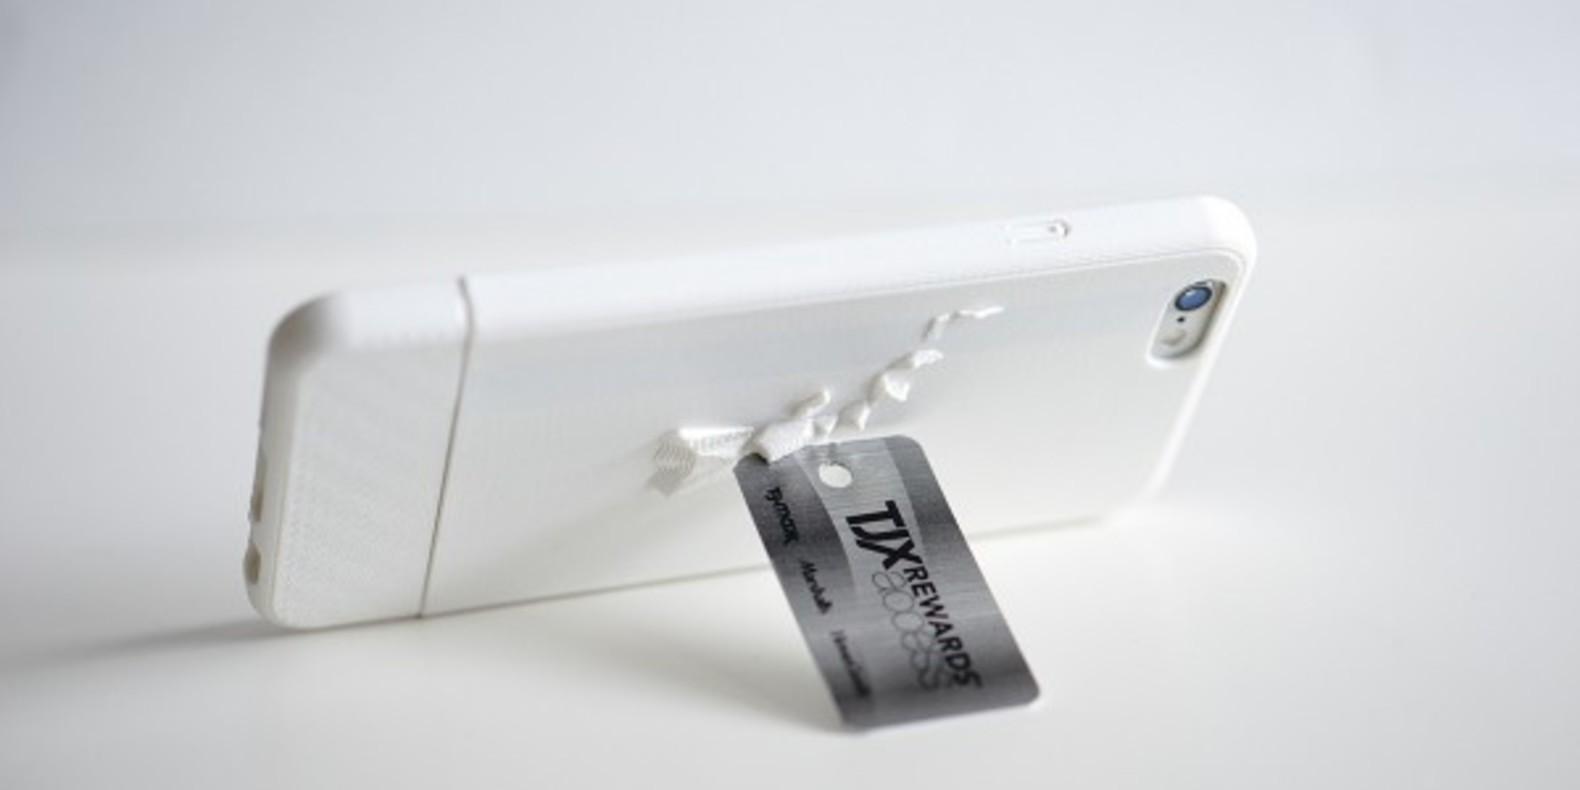 coque iphone shiqi imprimé en 3D fichier 3D cults smartphone 3D printed 3